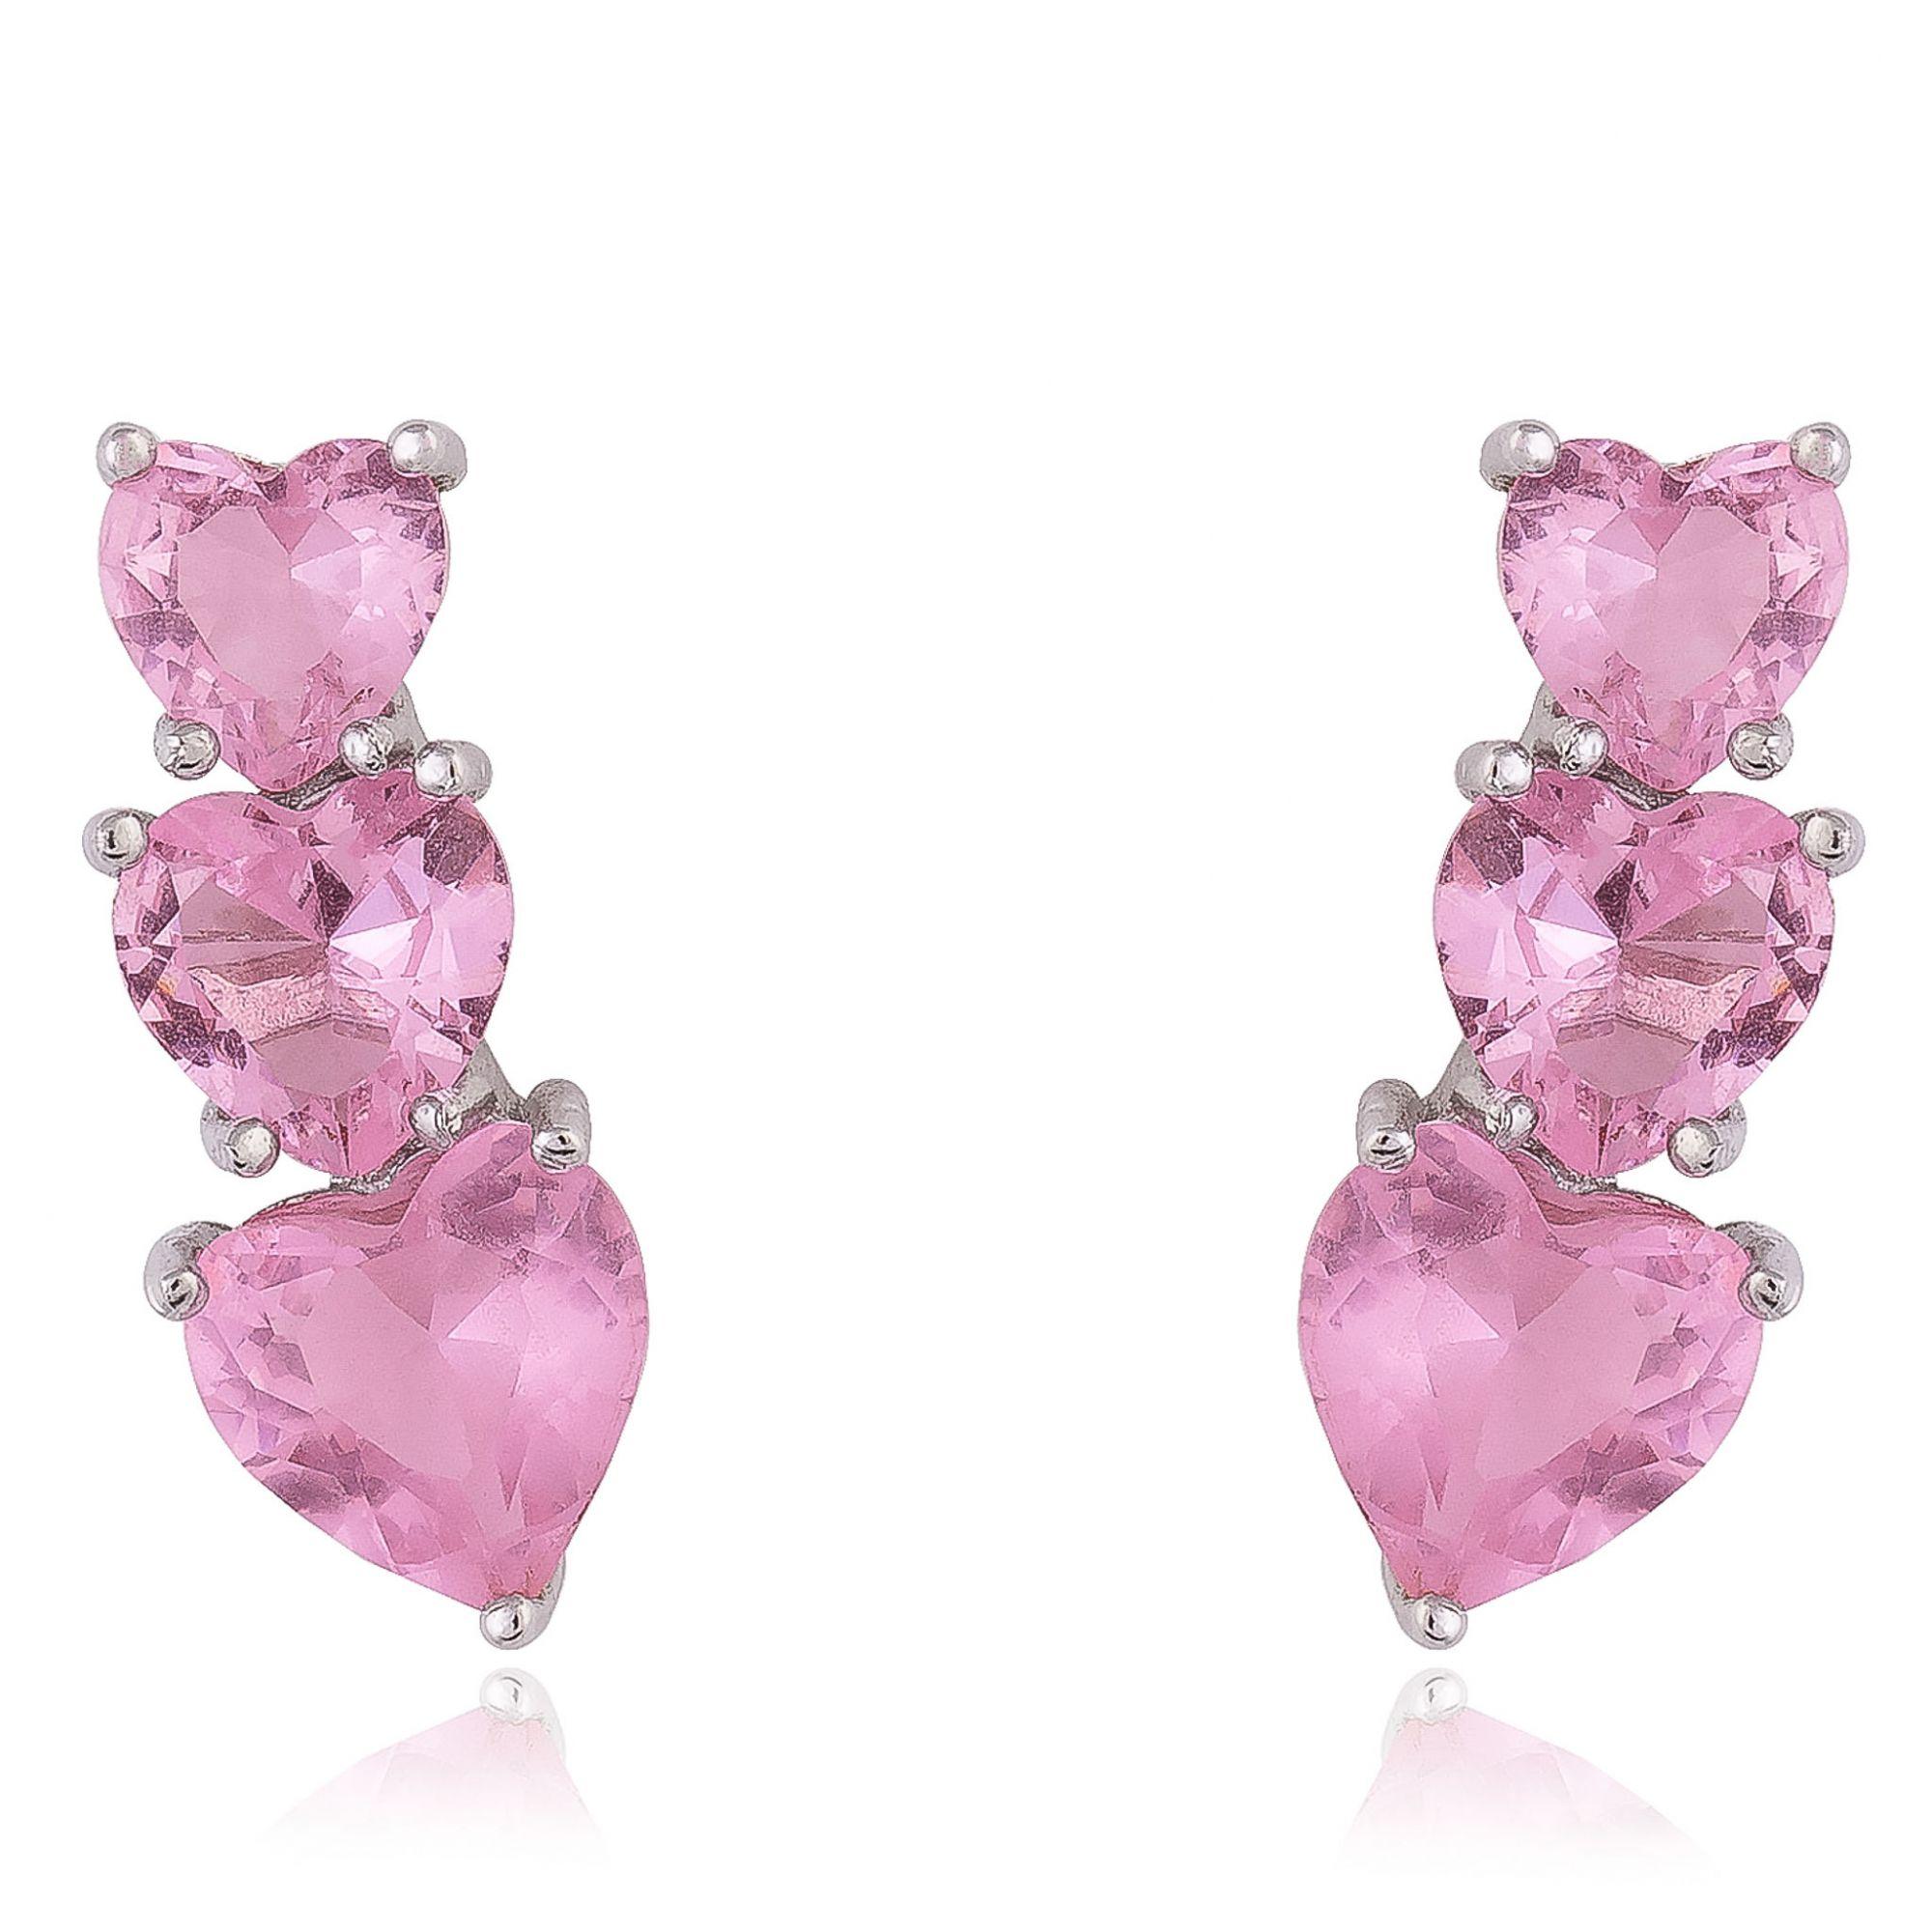 Brinco trio de coração em zircônias cor de rosa banho de ródio branco.  - romabrazil.com.br